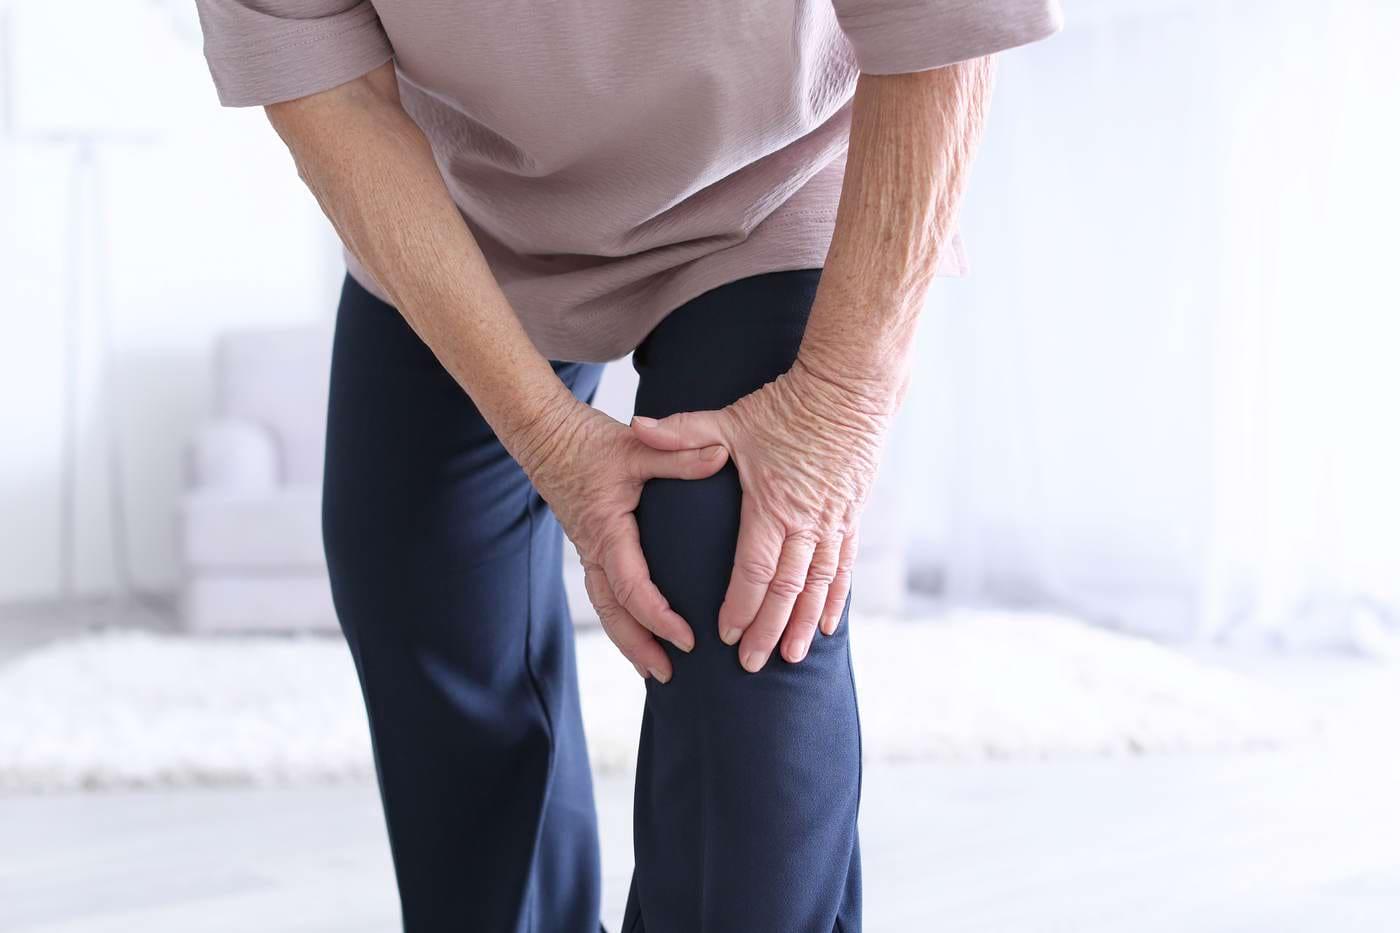 Tratamentul cu adenozină – un candidat promițător în lupta împotriva osteoartritei [studiu]